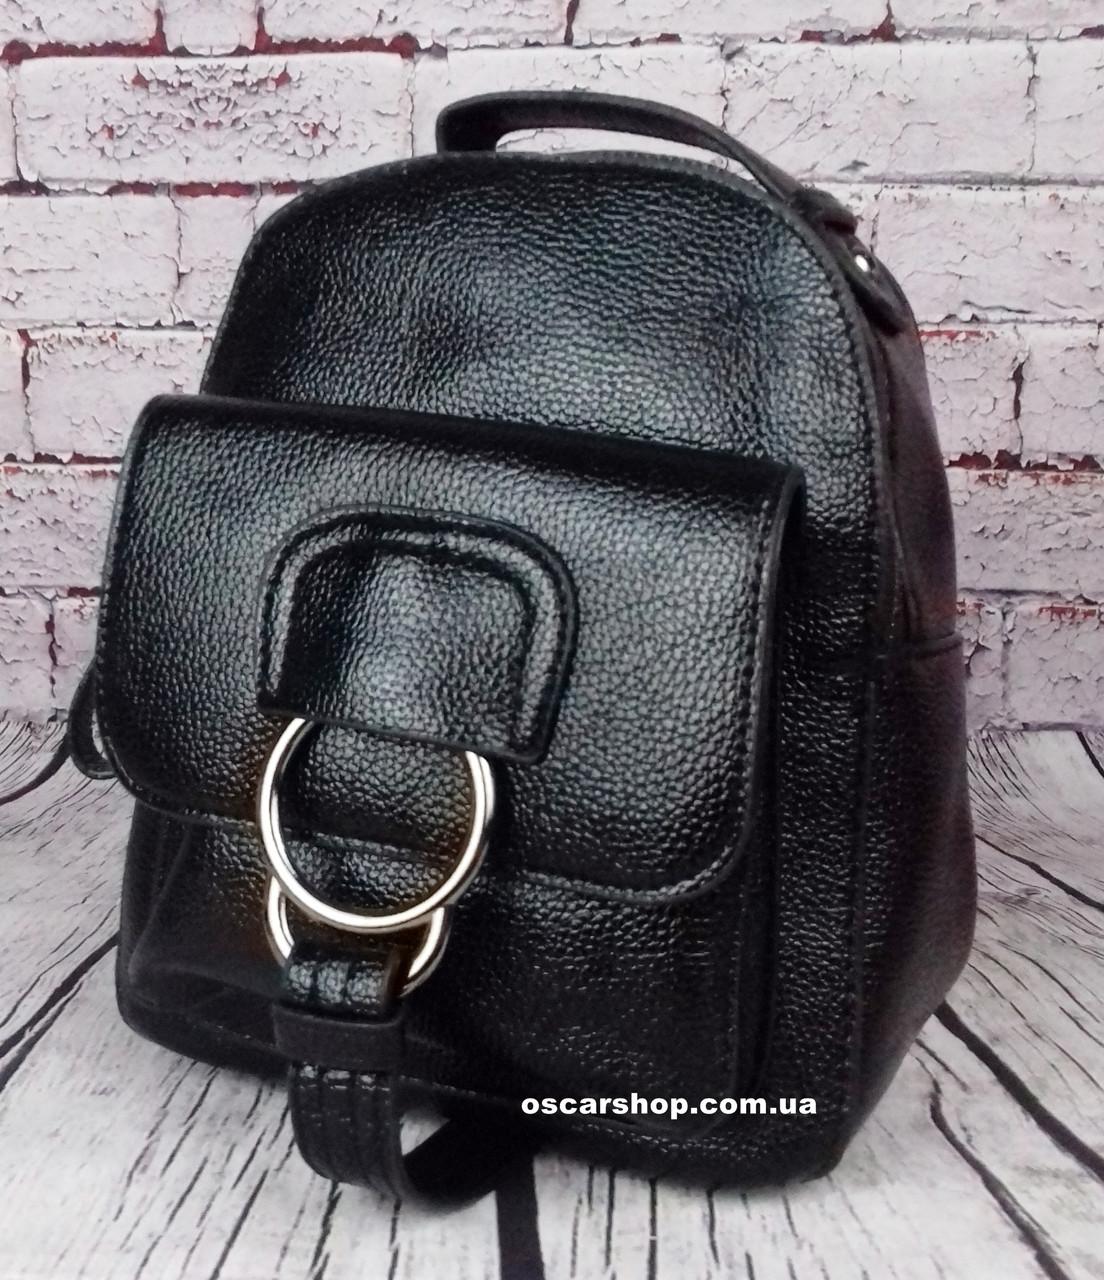 Черный мини рюкзак. Размер (см.) 21х18. Модный женский рюкзак. Небольшая сумка портфель Alex Rai. ЖС10-1